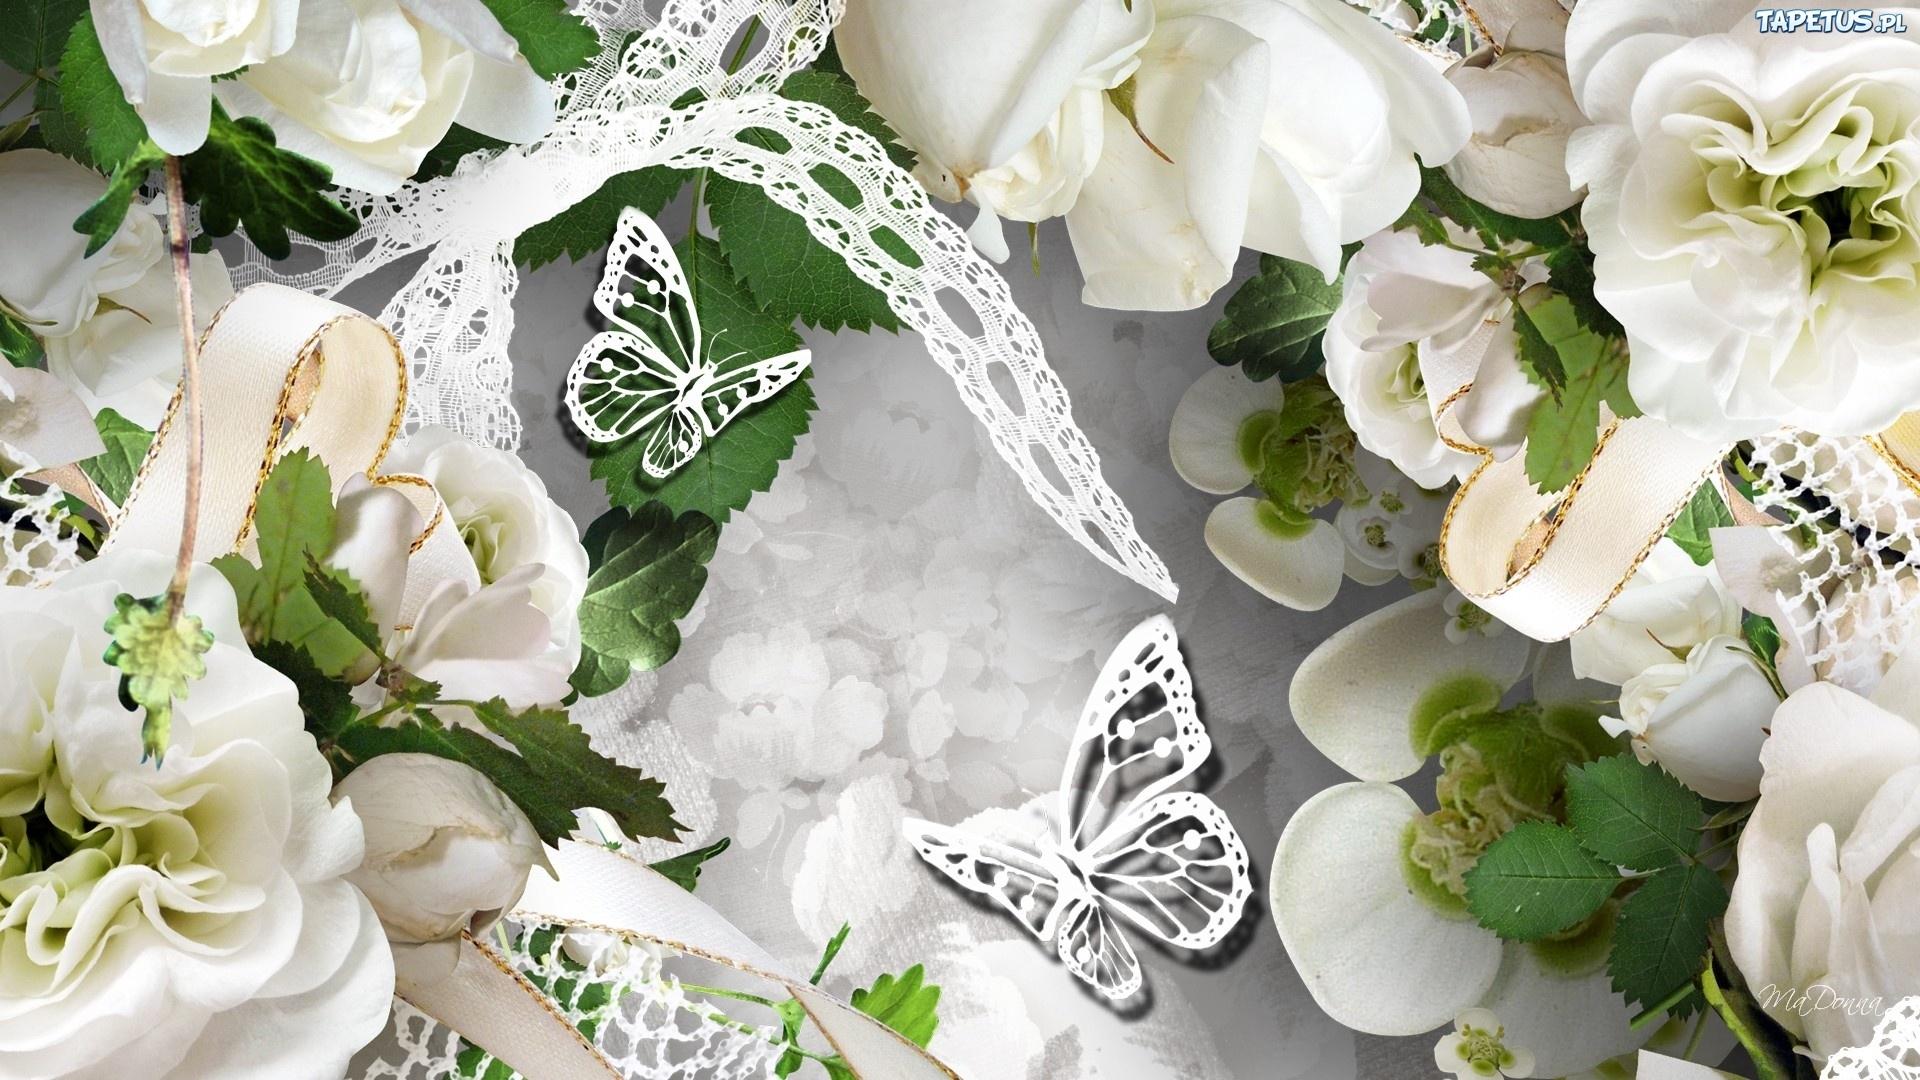 нежно-кремовые свадебные розы  № 1323039 без смс